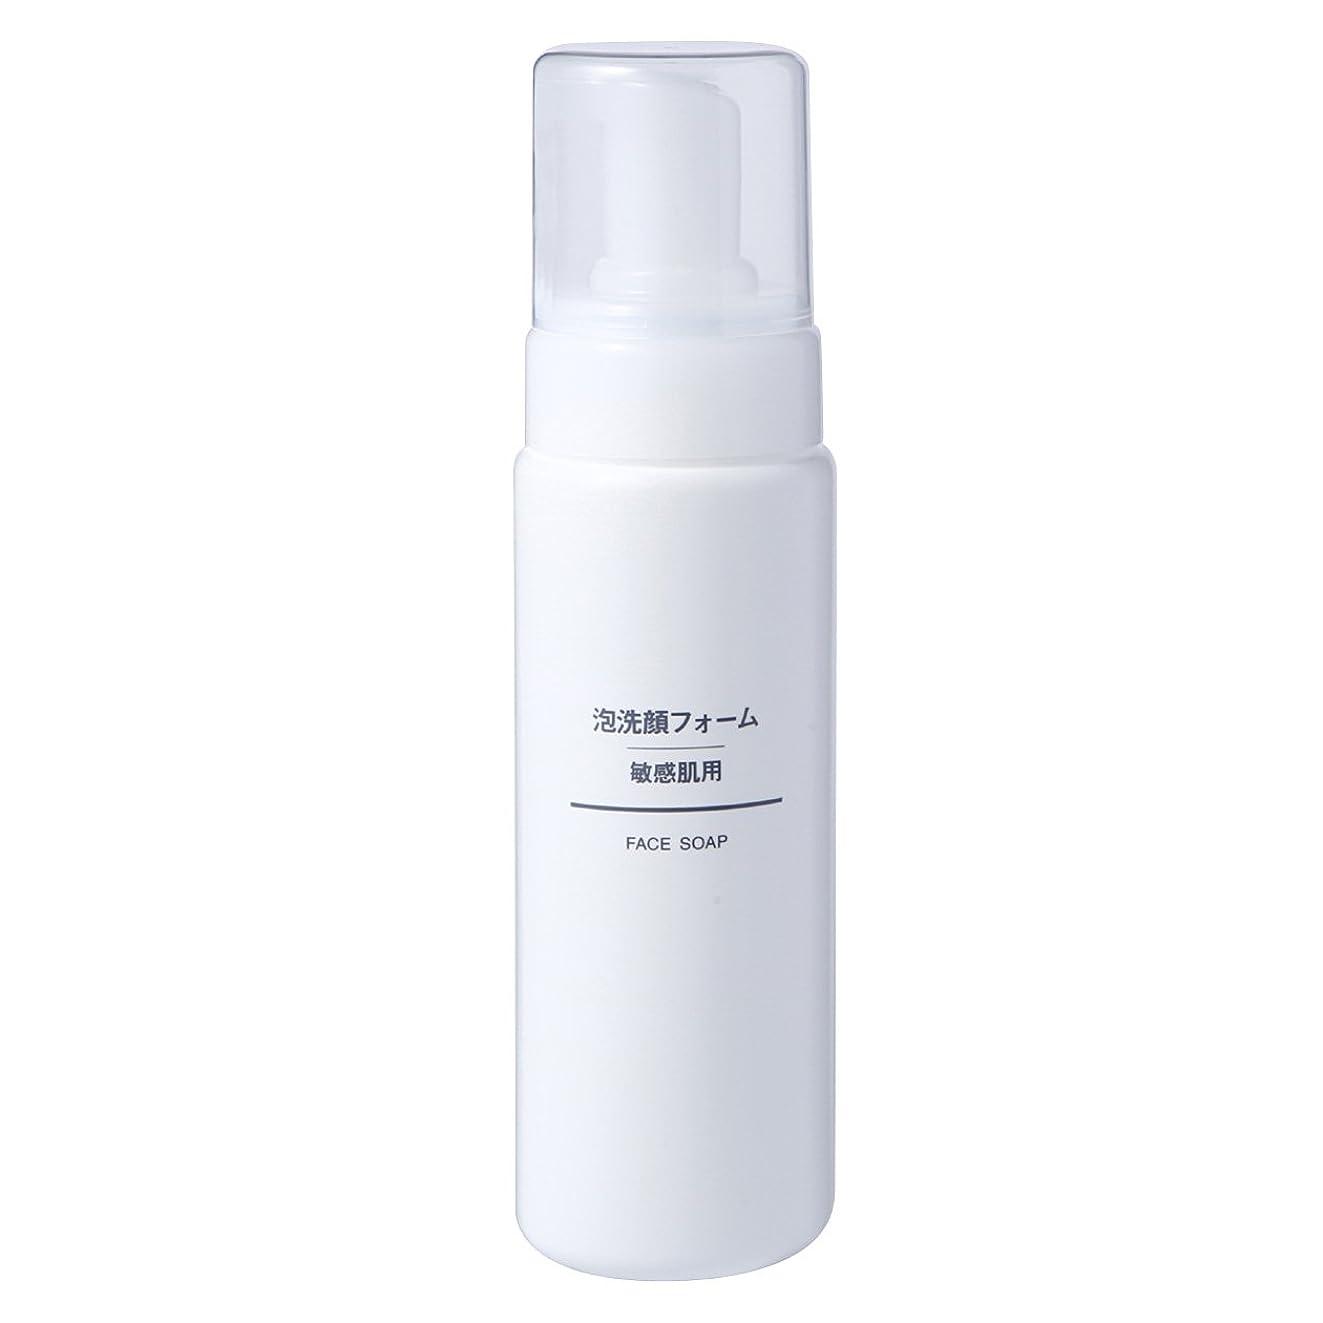 壁紙やりがいのある雪の無印良品 泡洗顔フォーム 敏感肌用 200ml